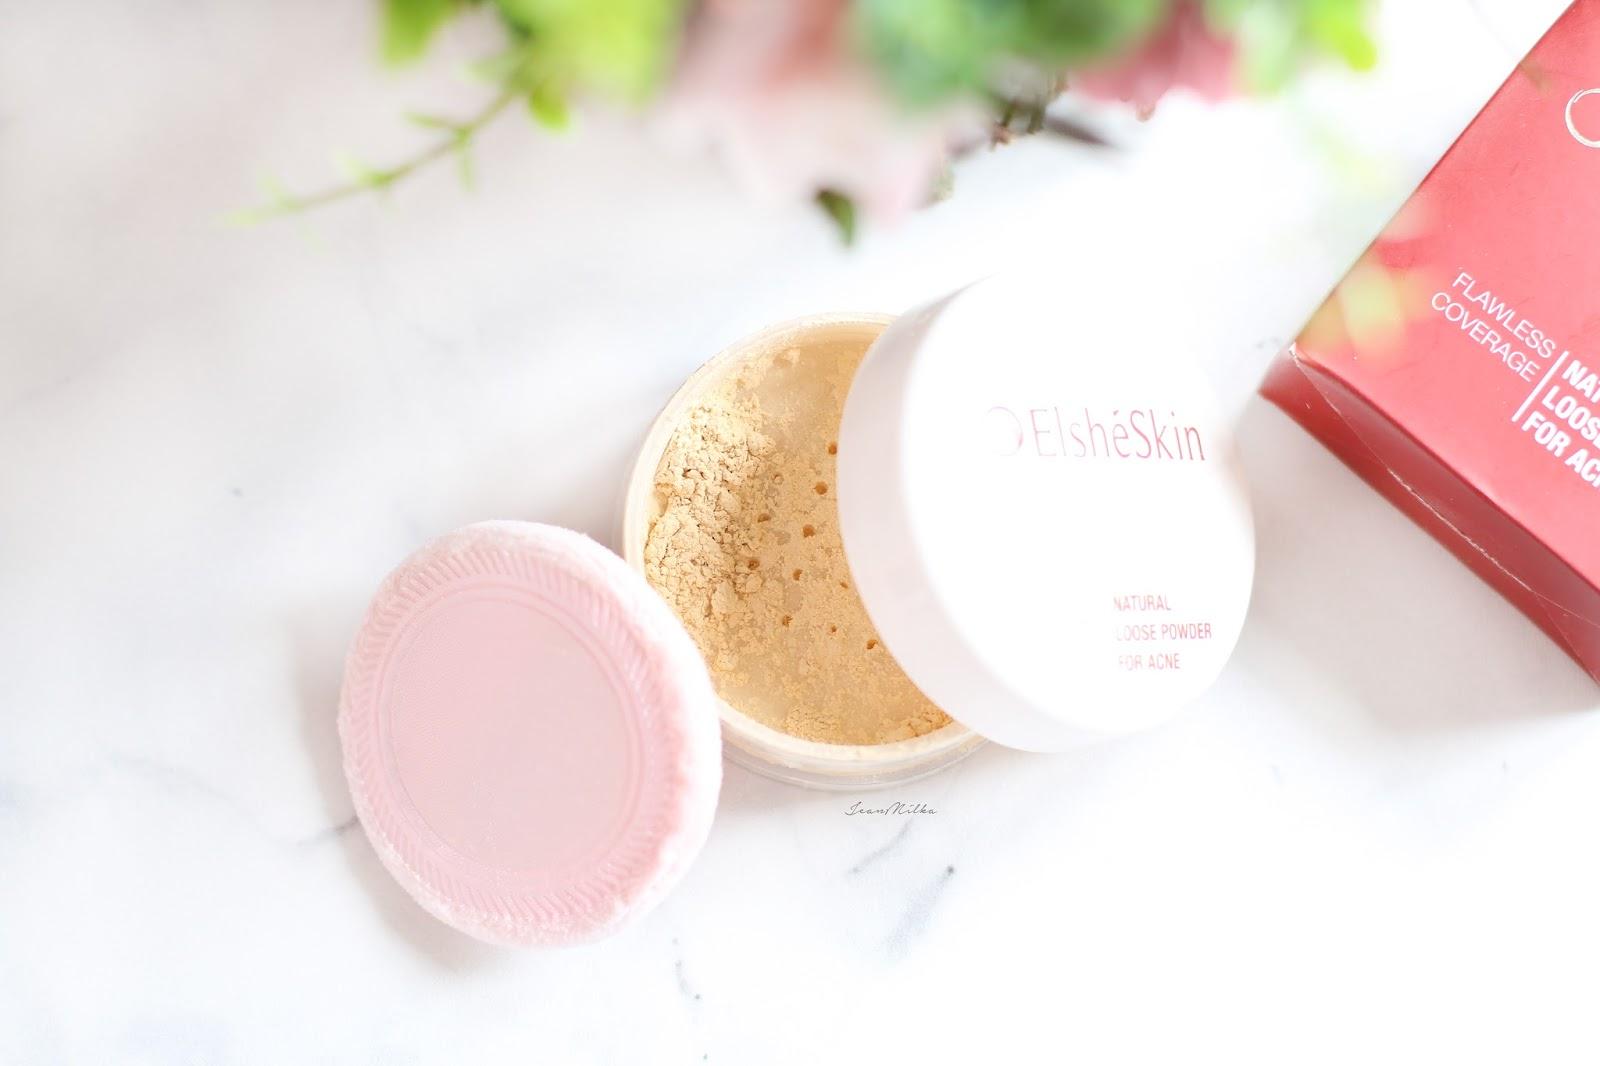 elshe, elshe skin, skincare, elsheskin, oily skin, acne prone skin, kulit berminyak, kulit jerawat, review